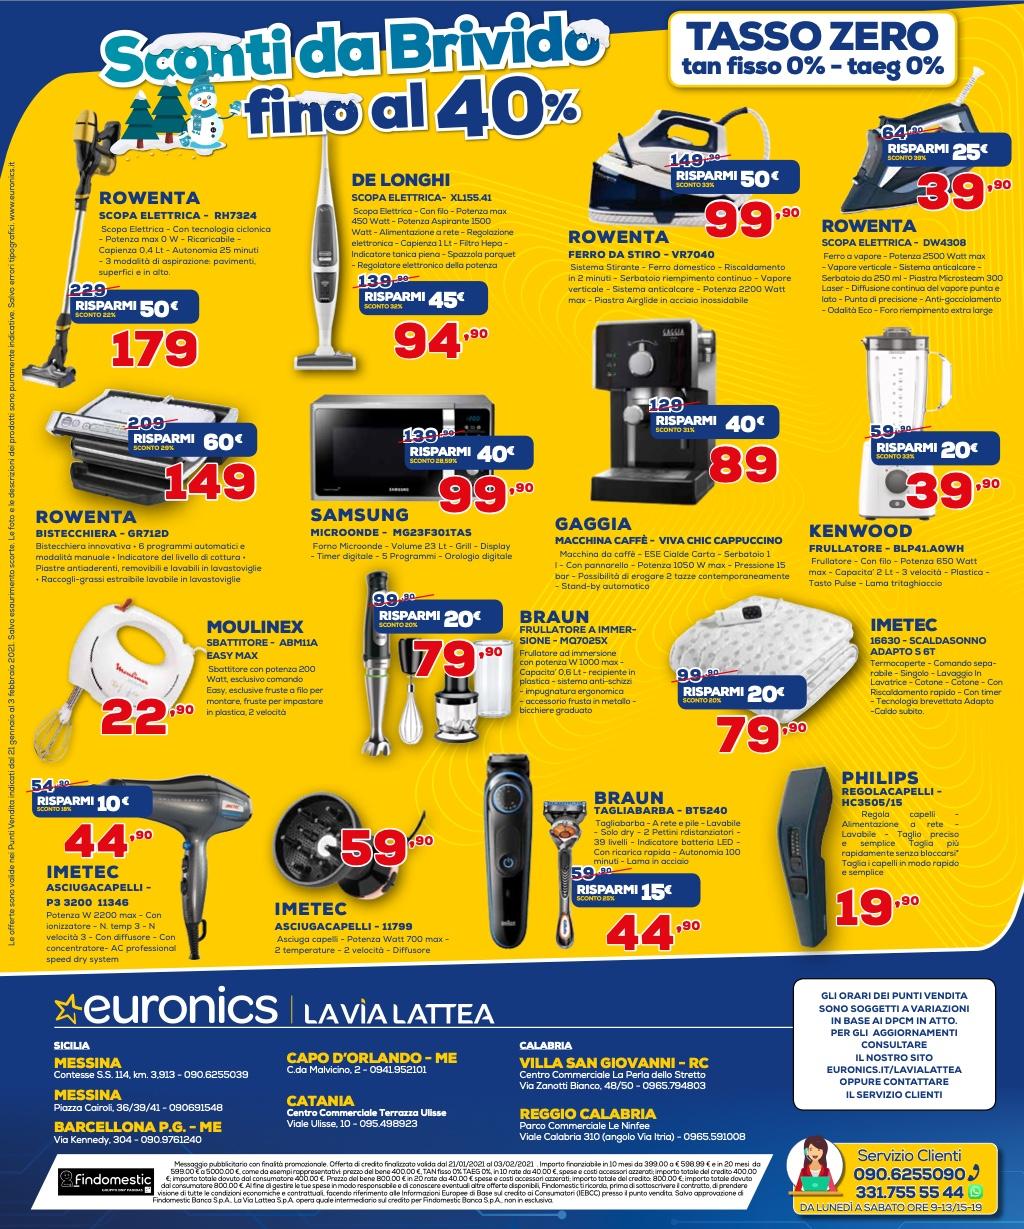 Ecco le migliori offerte tech dei volantini di Euronics (fino al 3 febbraio) 2